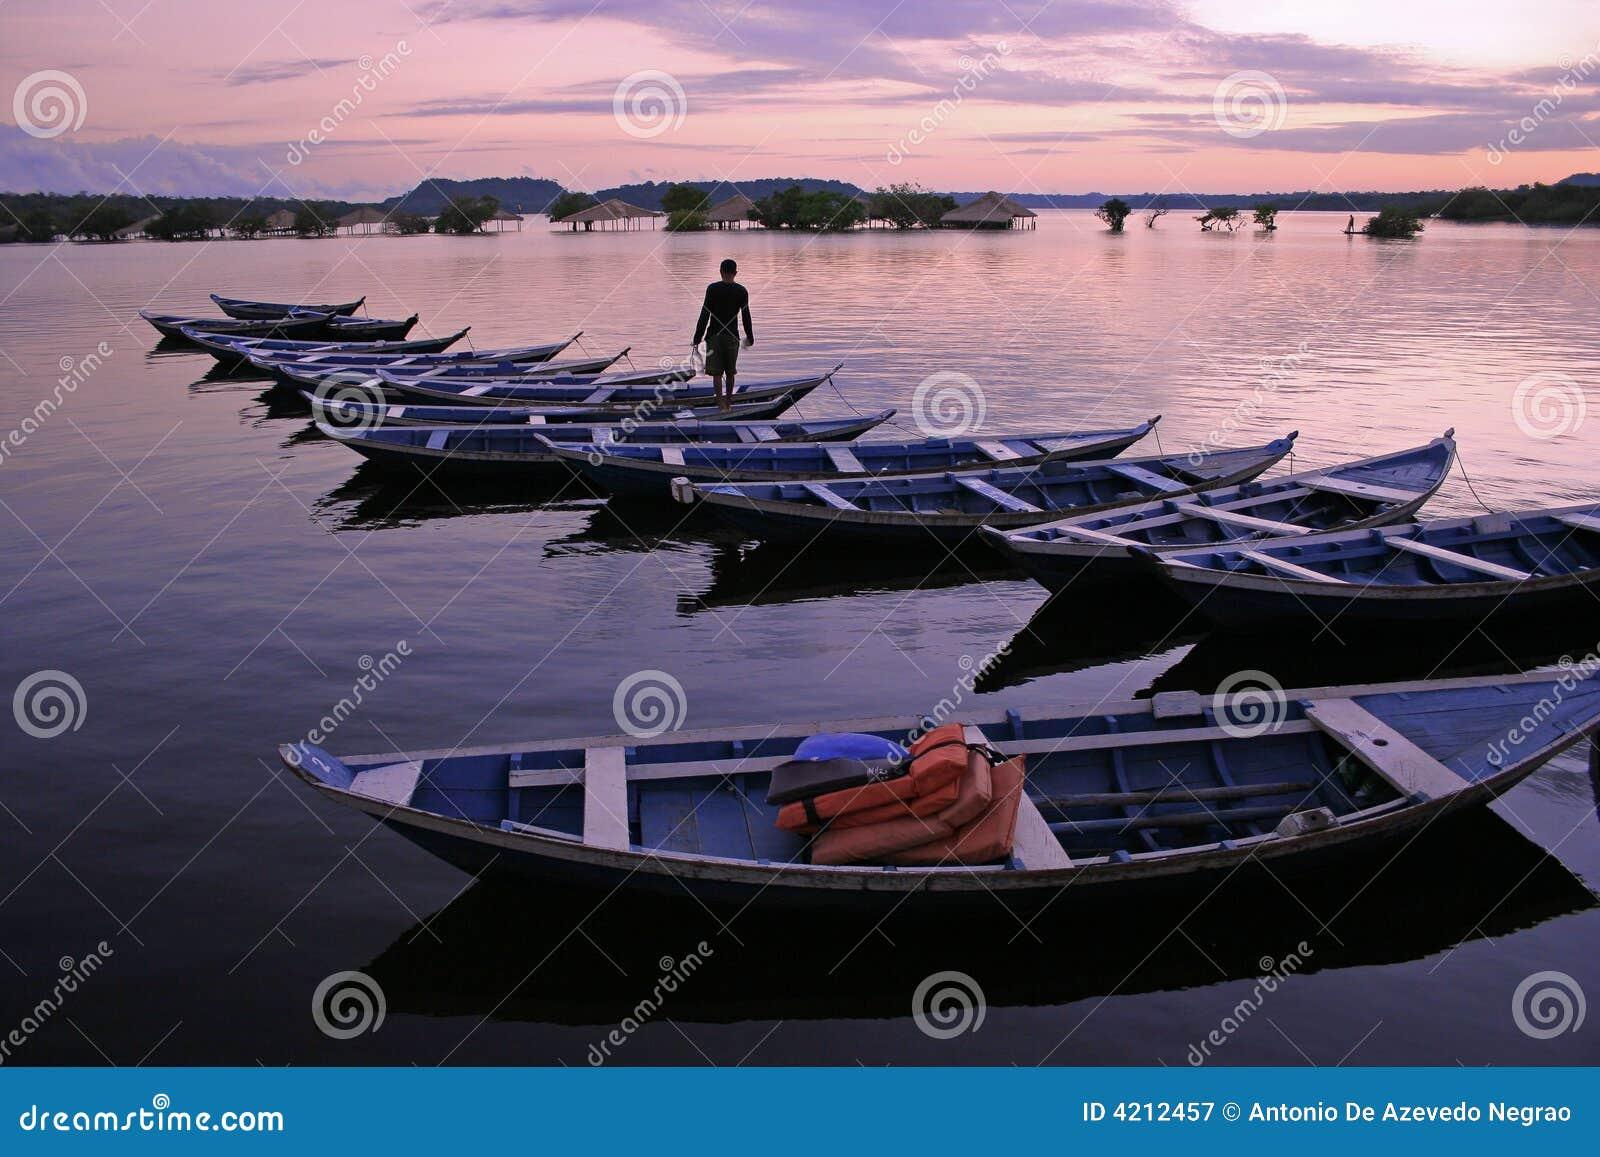 Canoes in Amazonia